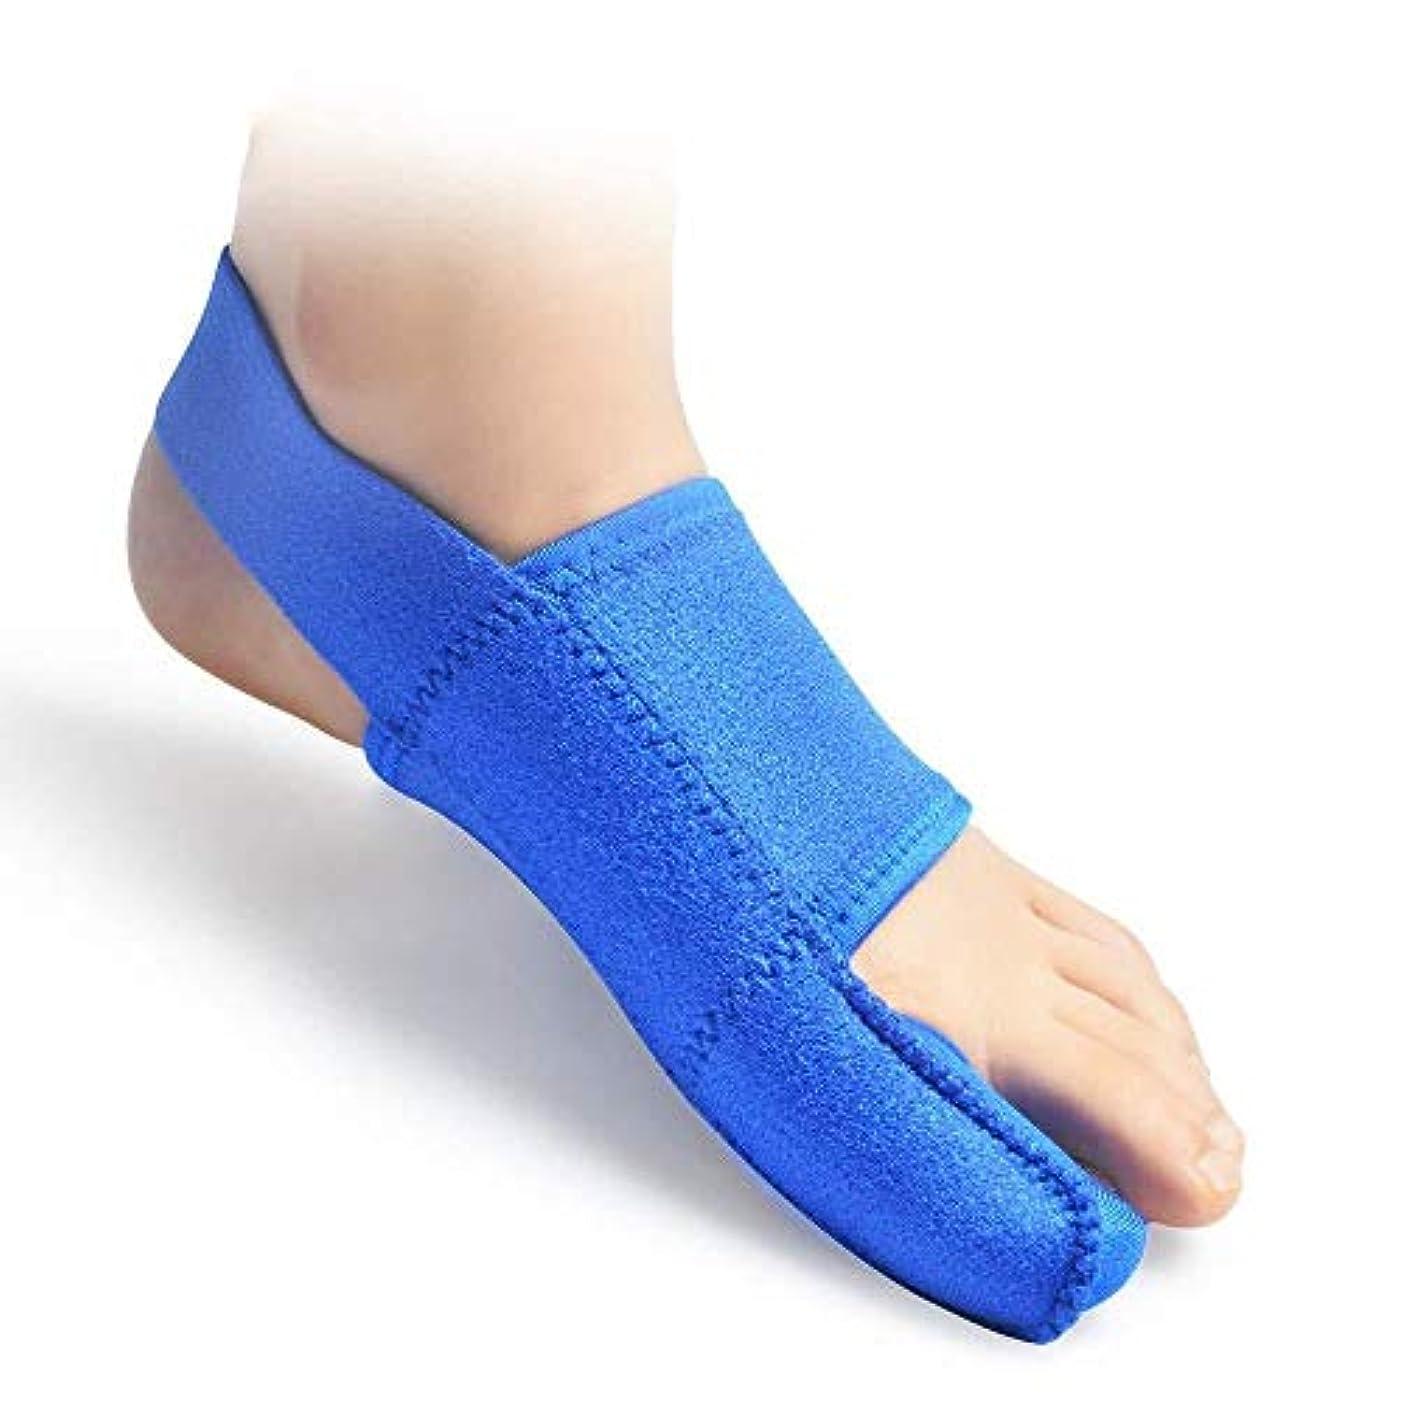 妖精廊下見習いつま先セパレーター、つま先セパレーター、ハンマーの痛みのための超ソフトで快適なつま先のつま先つま先セパレーター装具,Left Foot